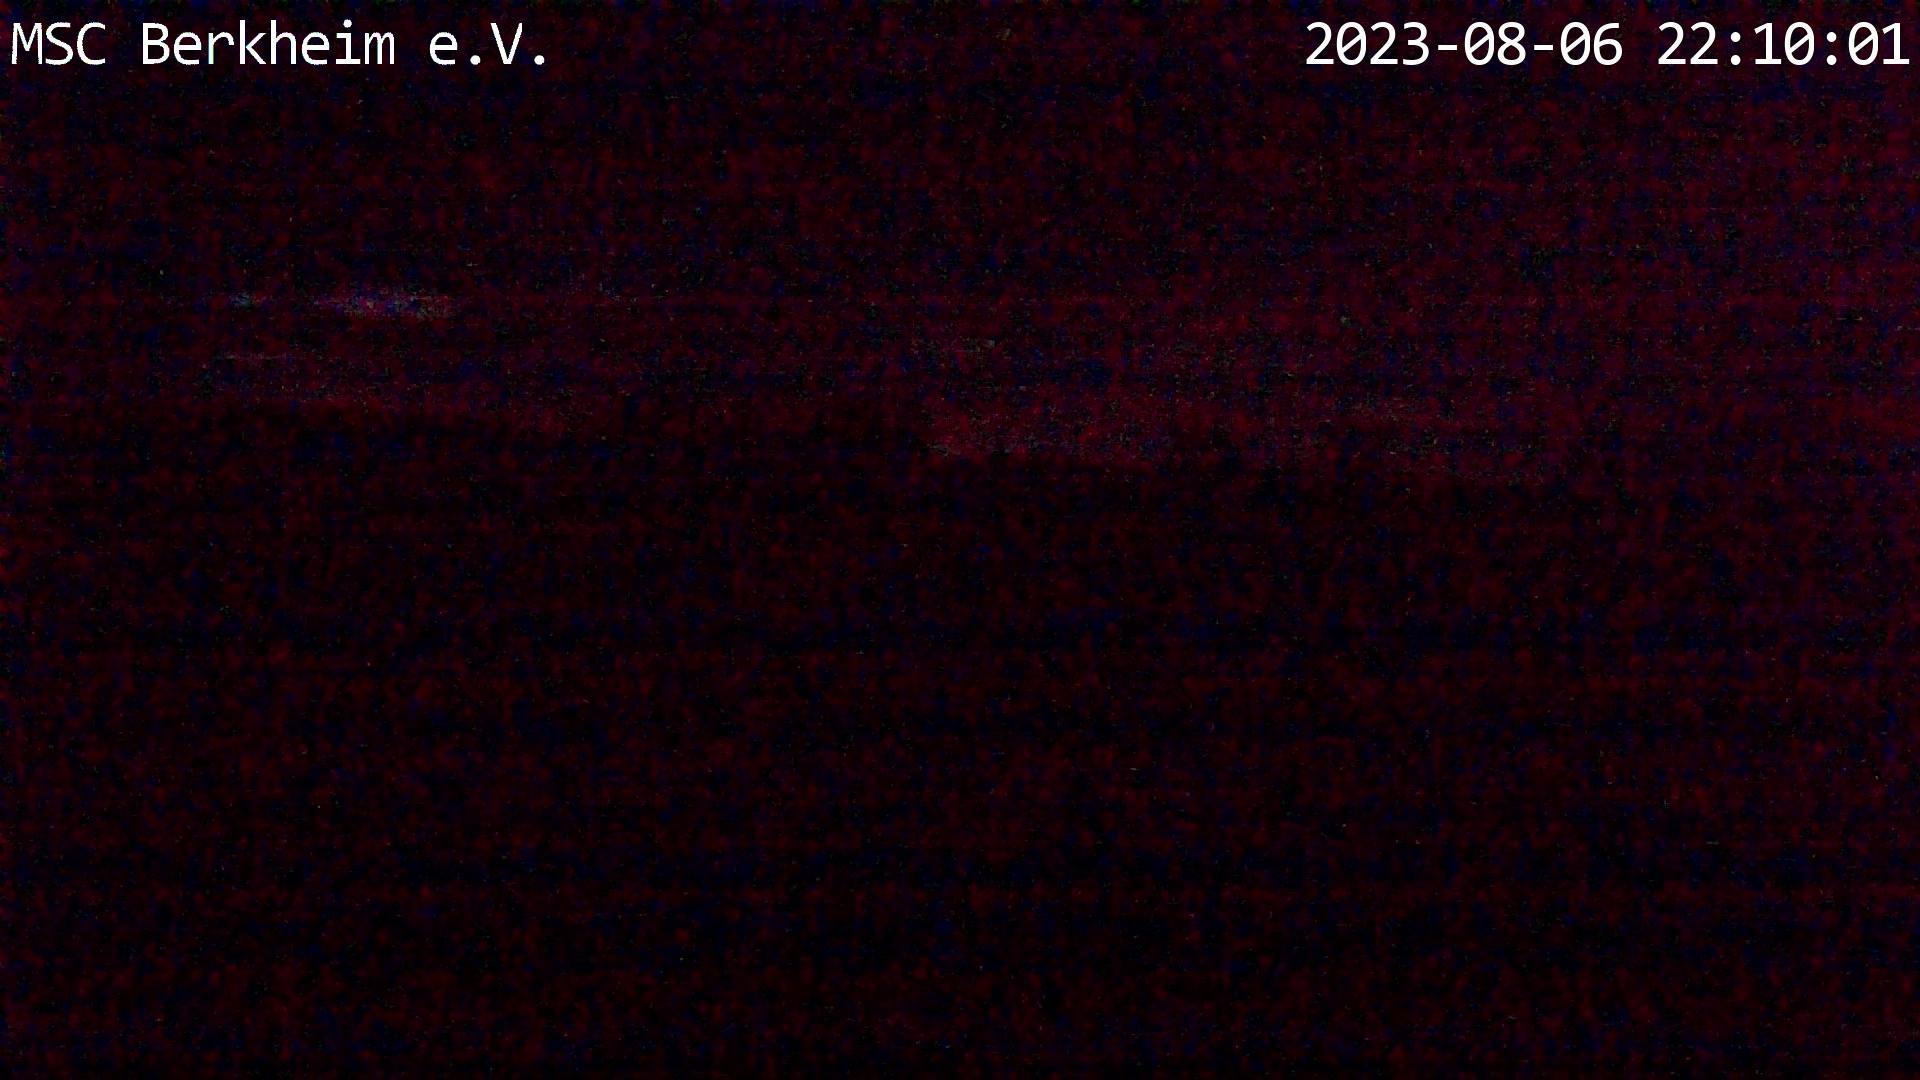 Webcam-Bild der Strecke